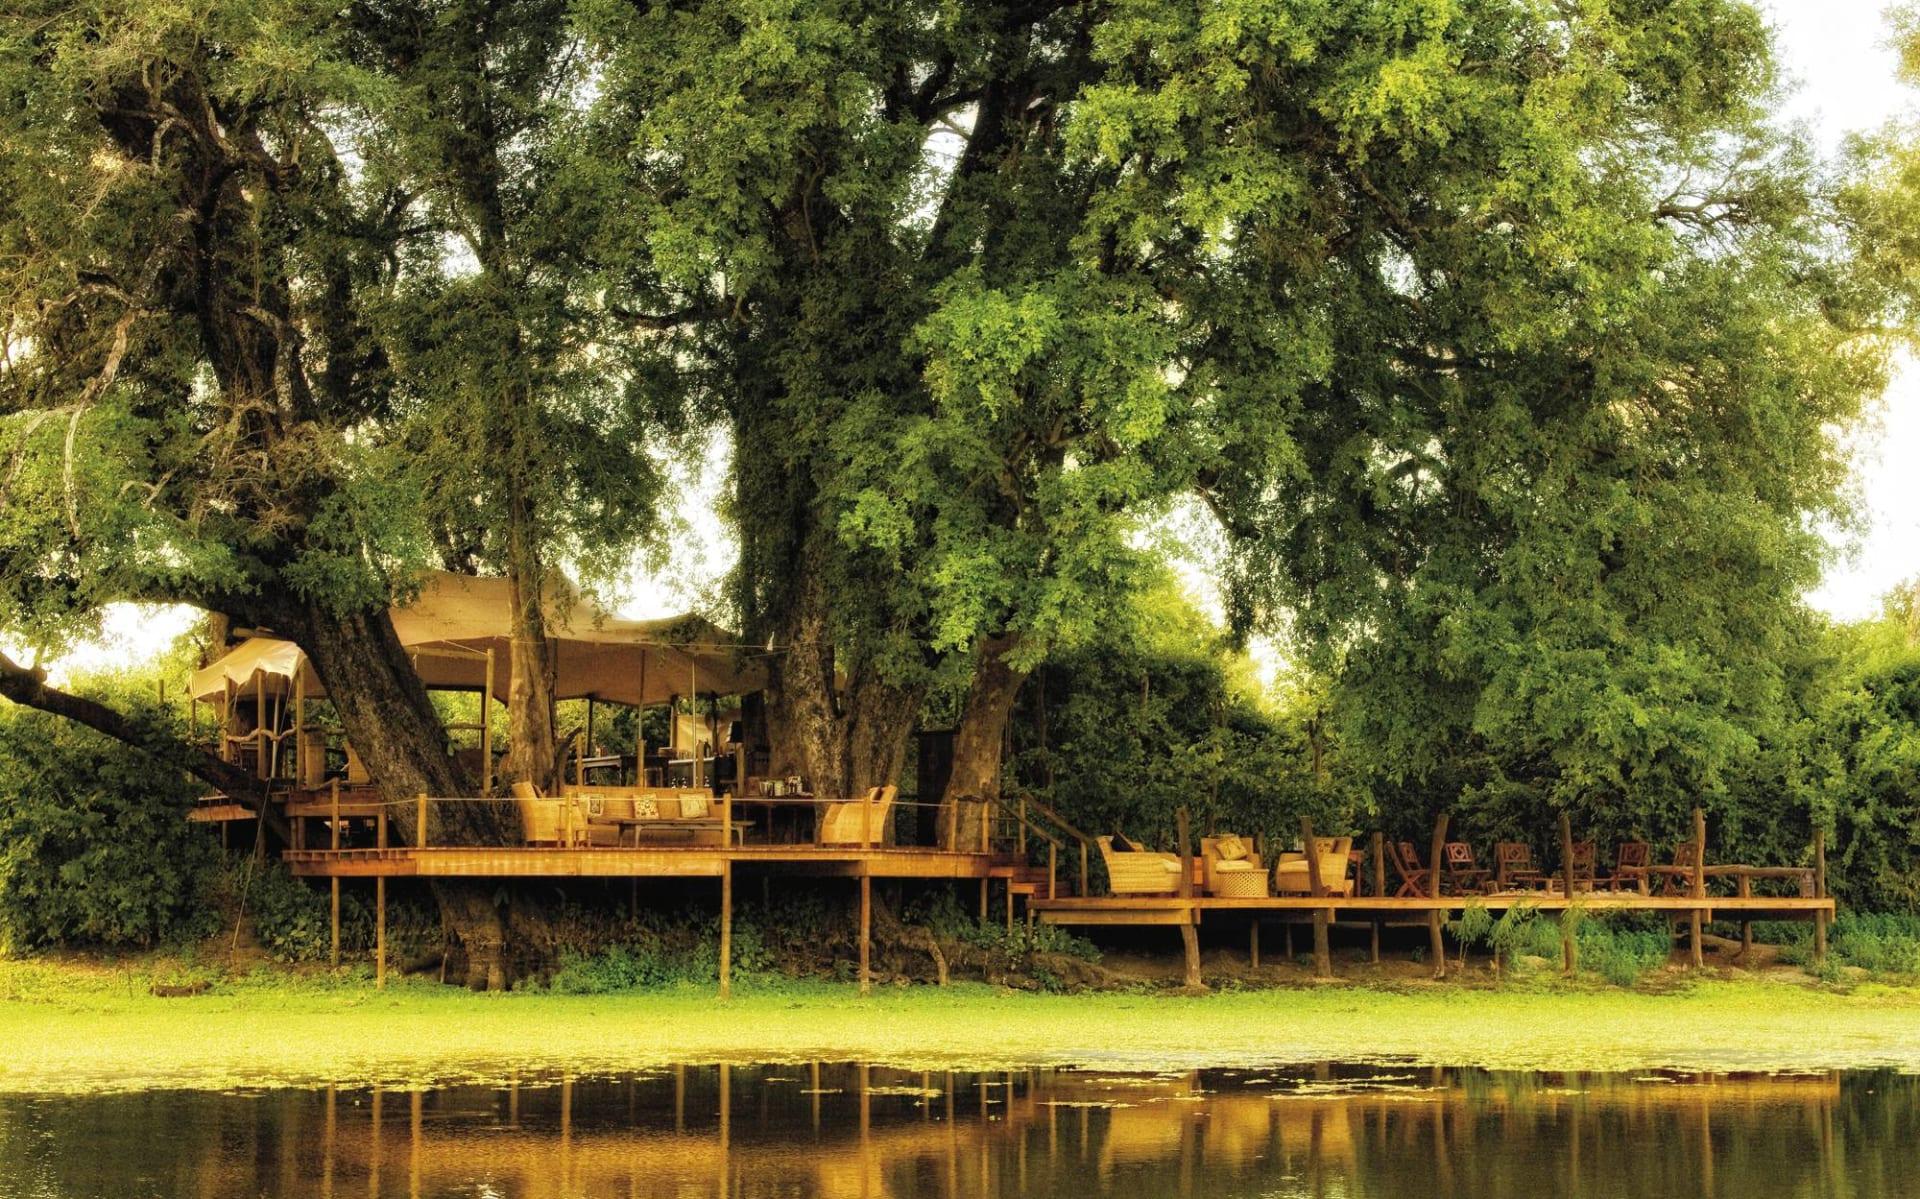 Kanga Camp in Mana Pools Nationalpark: Kanga Camp